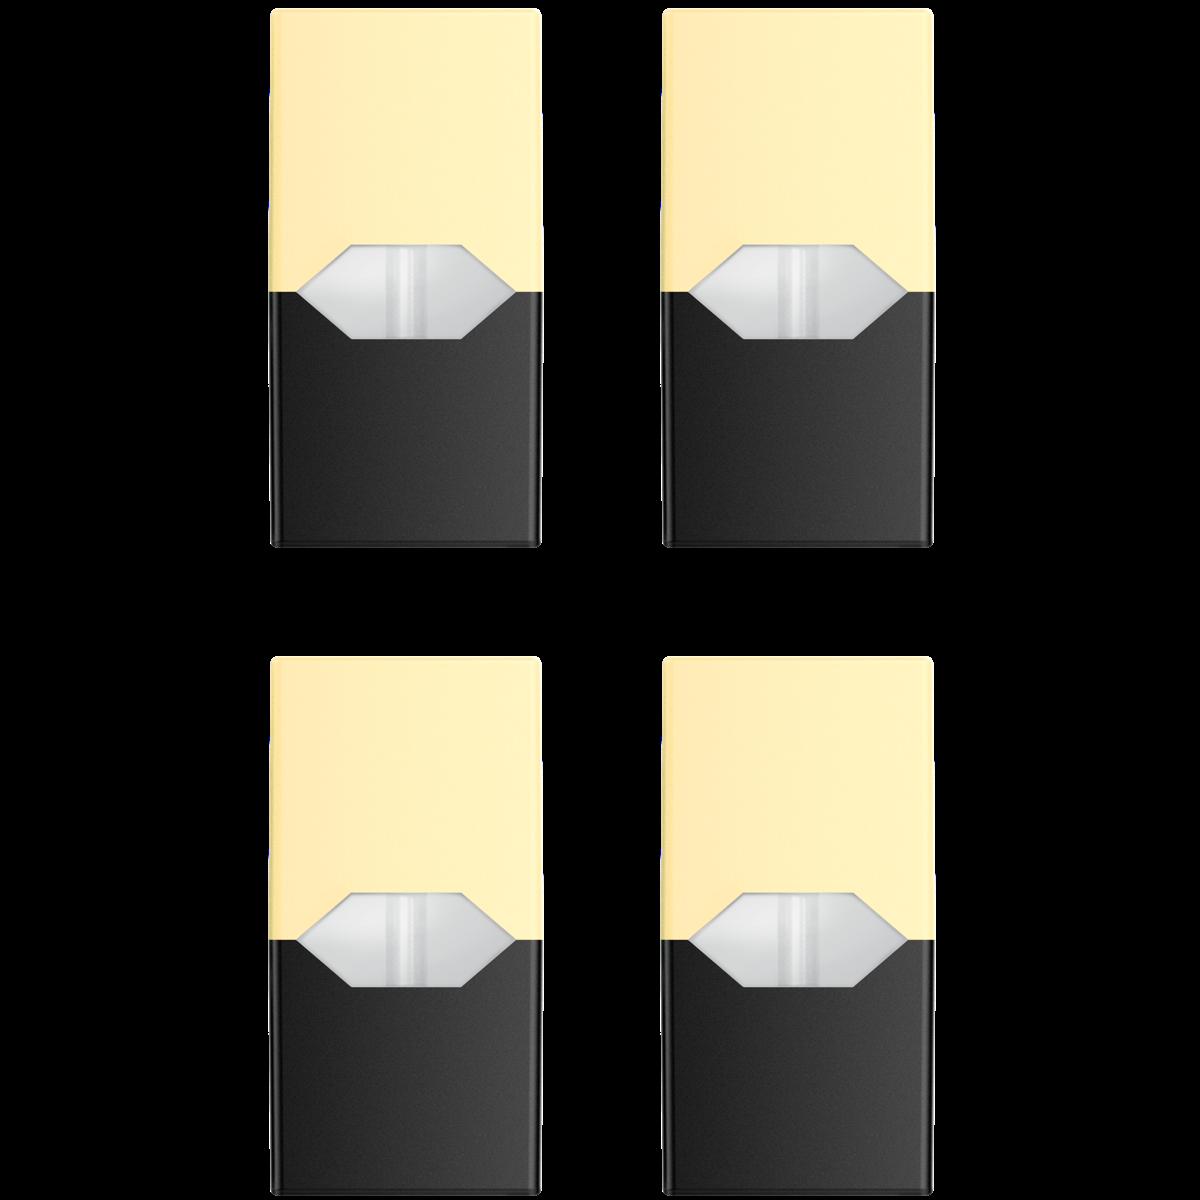 JUUL Royal Crème Pods (Pack of 4) | Vape Juice Flavours